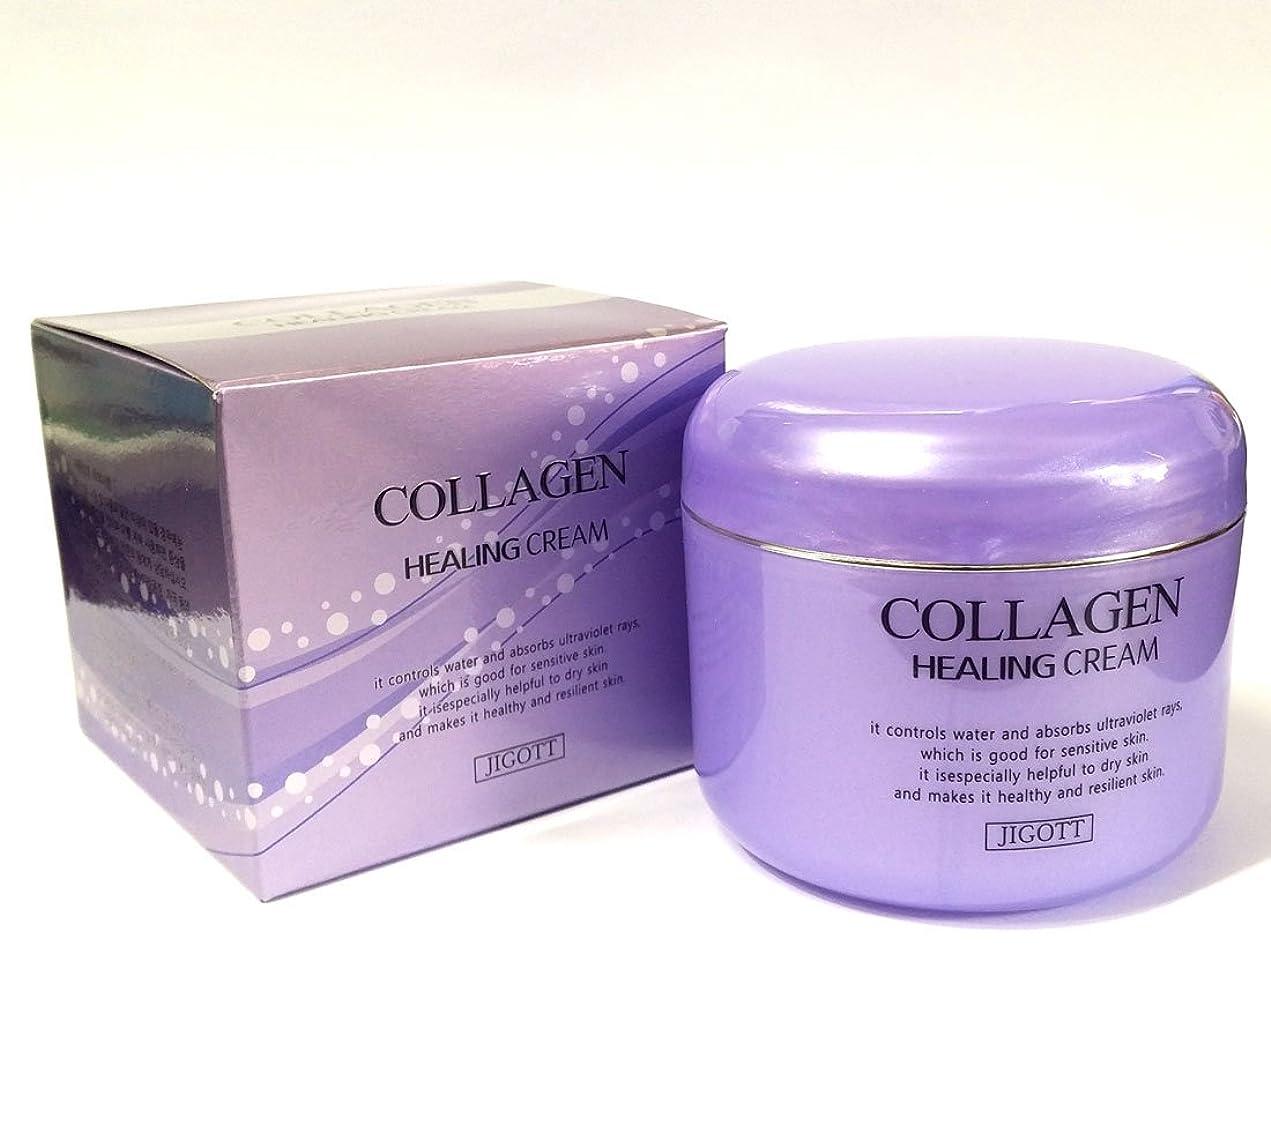 ソーセージ鮫避ける[JIGOTT] コラーゲンヒーリングクリーム100g/Collagen Healing Cream 100g/保湿、栄養/韓国化粧品/moisturizing,nourishing/Korean Cosmetics (2EA) [並行輸入品]